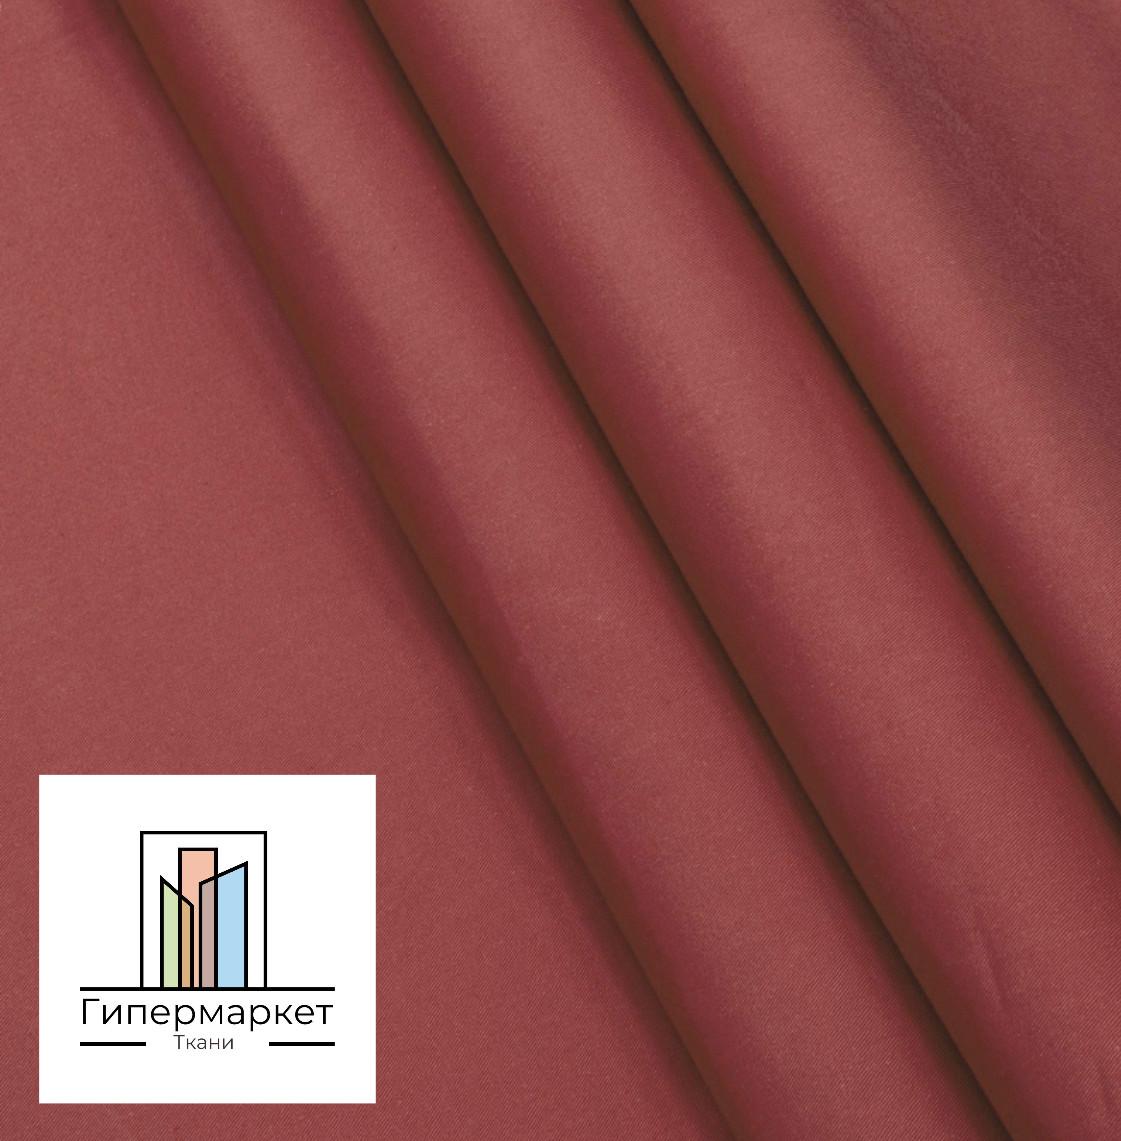 Ткань Саржа 150см шириной 250 плотность 100% хлопок